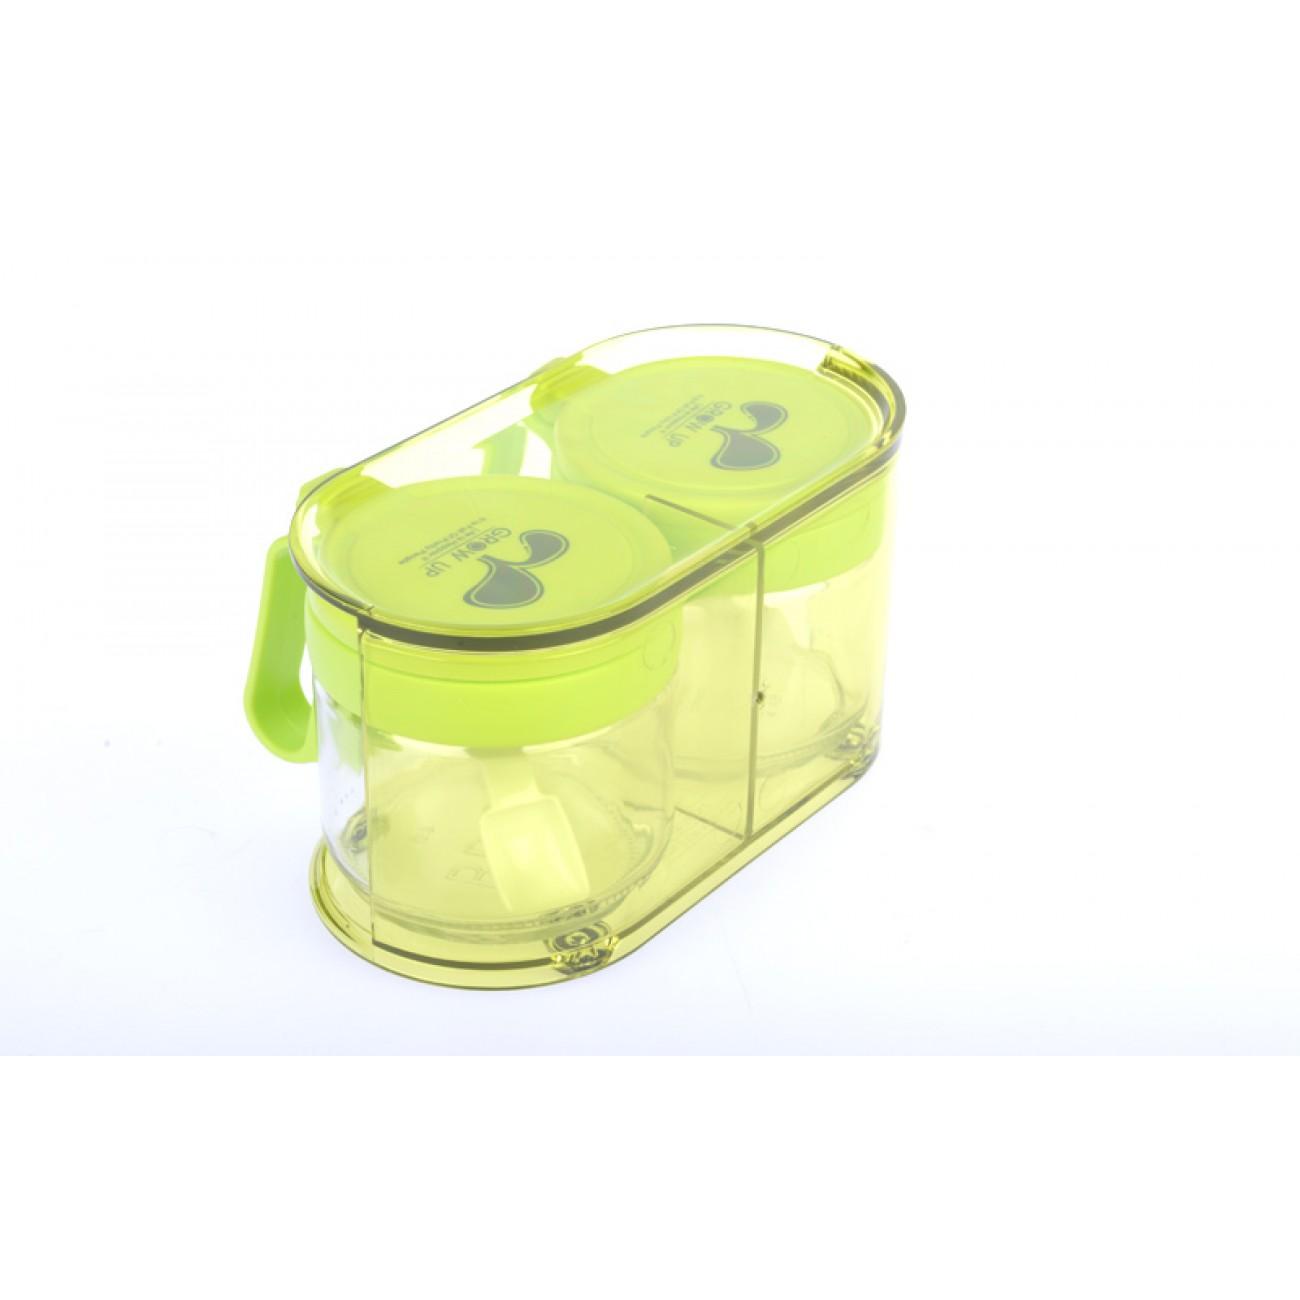 Σετ βαζάκια μπαχαρικών - Πράσινο - ΟΕΜ 34129